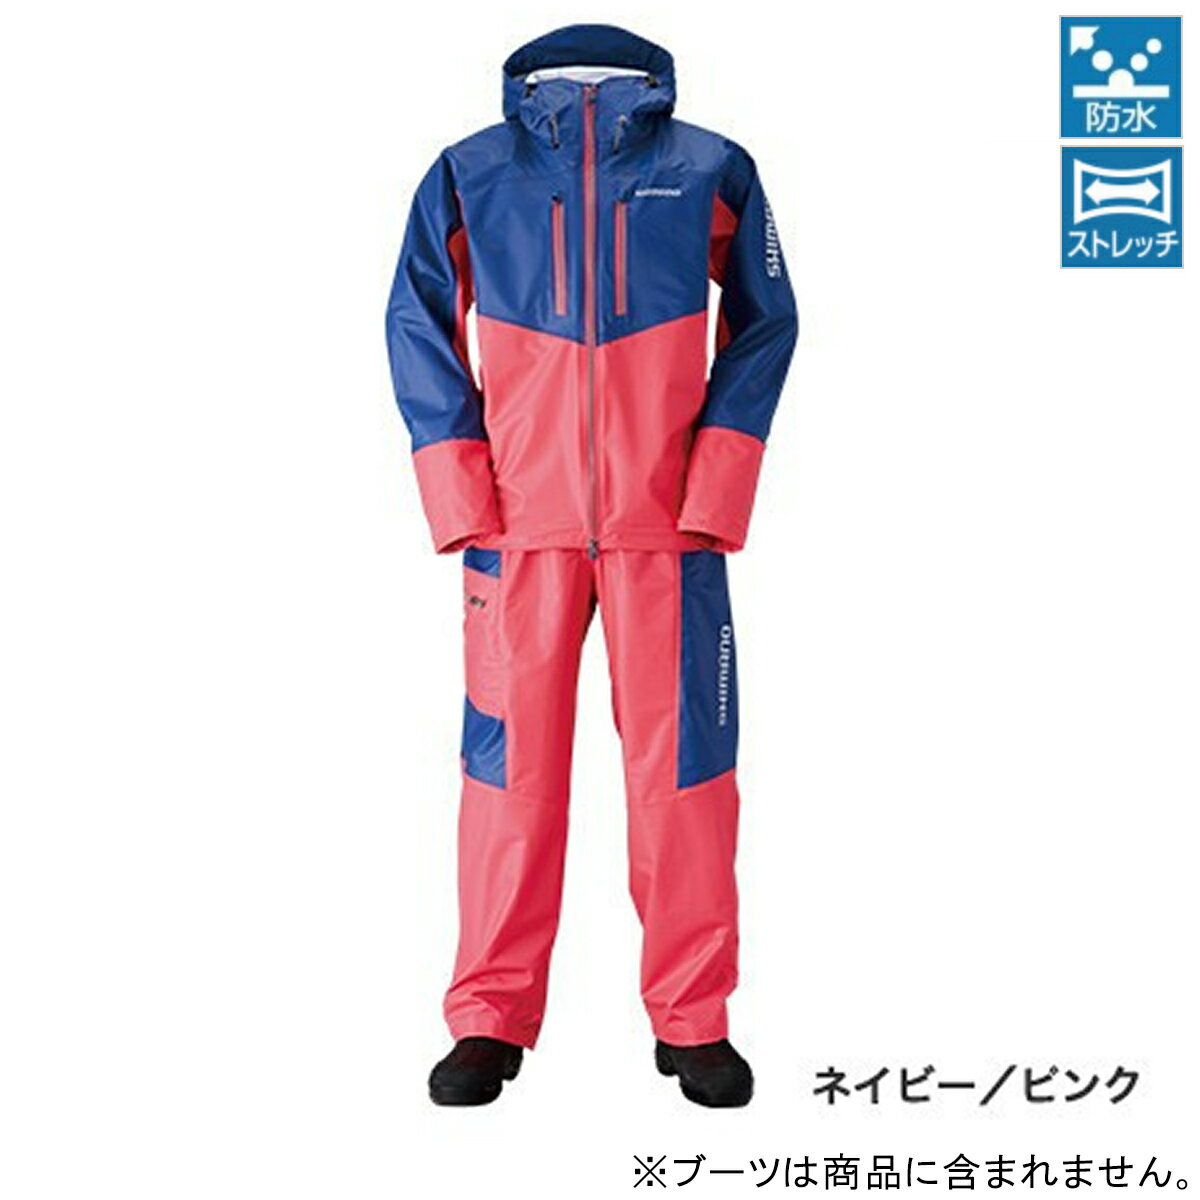 シマノ マリンライトスーツ RA-034N M ネイビー/ピンク